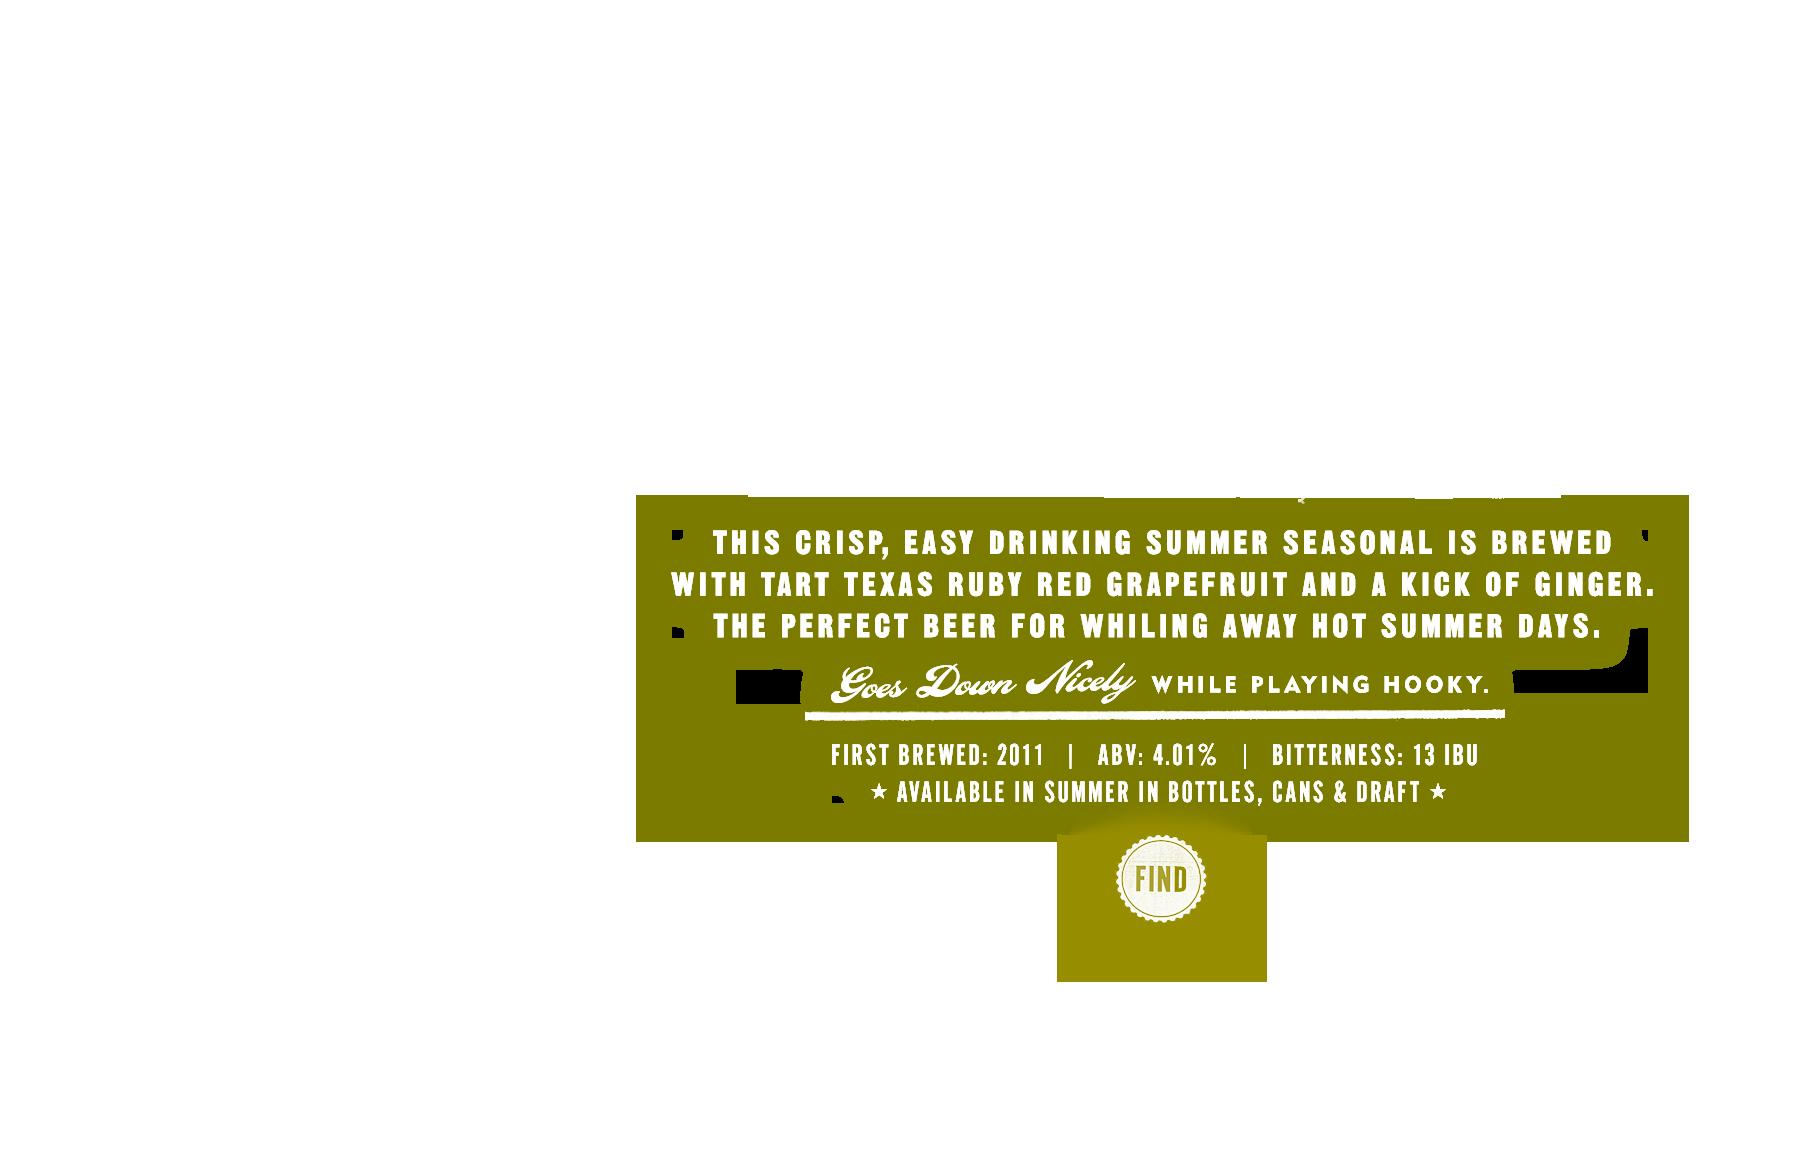 Xomb9ldsxihxjmxfrg7a rubyredbird